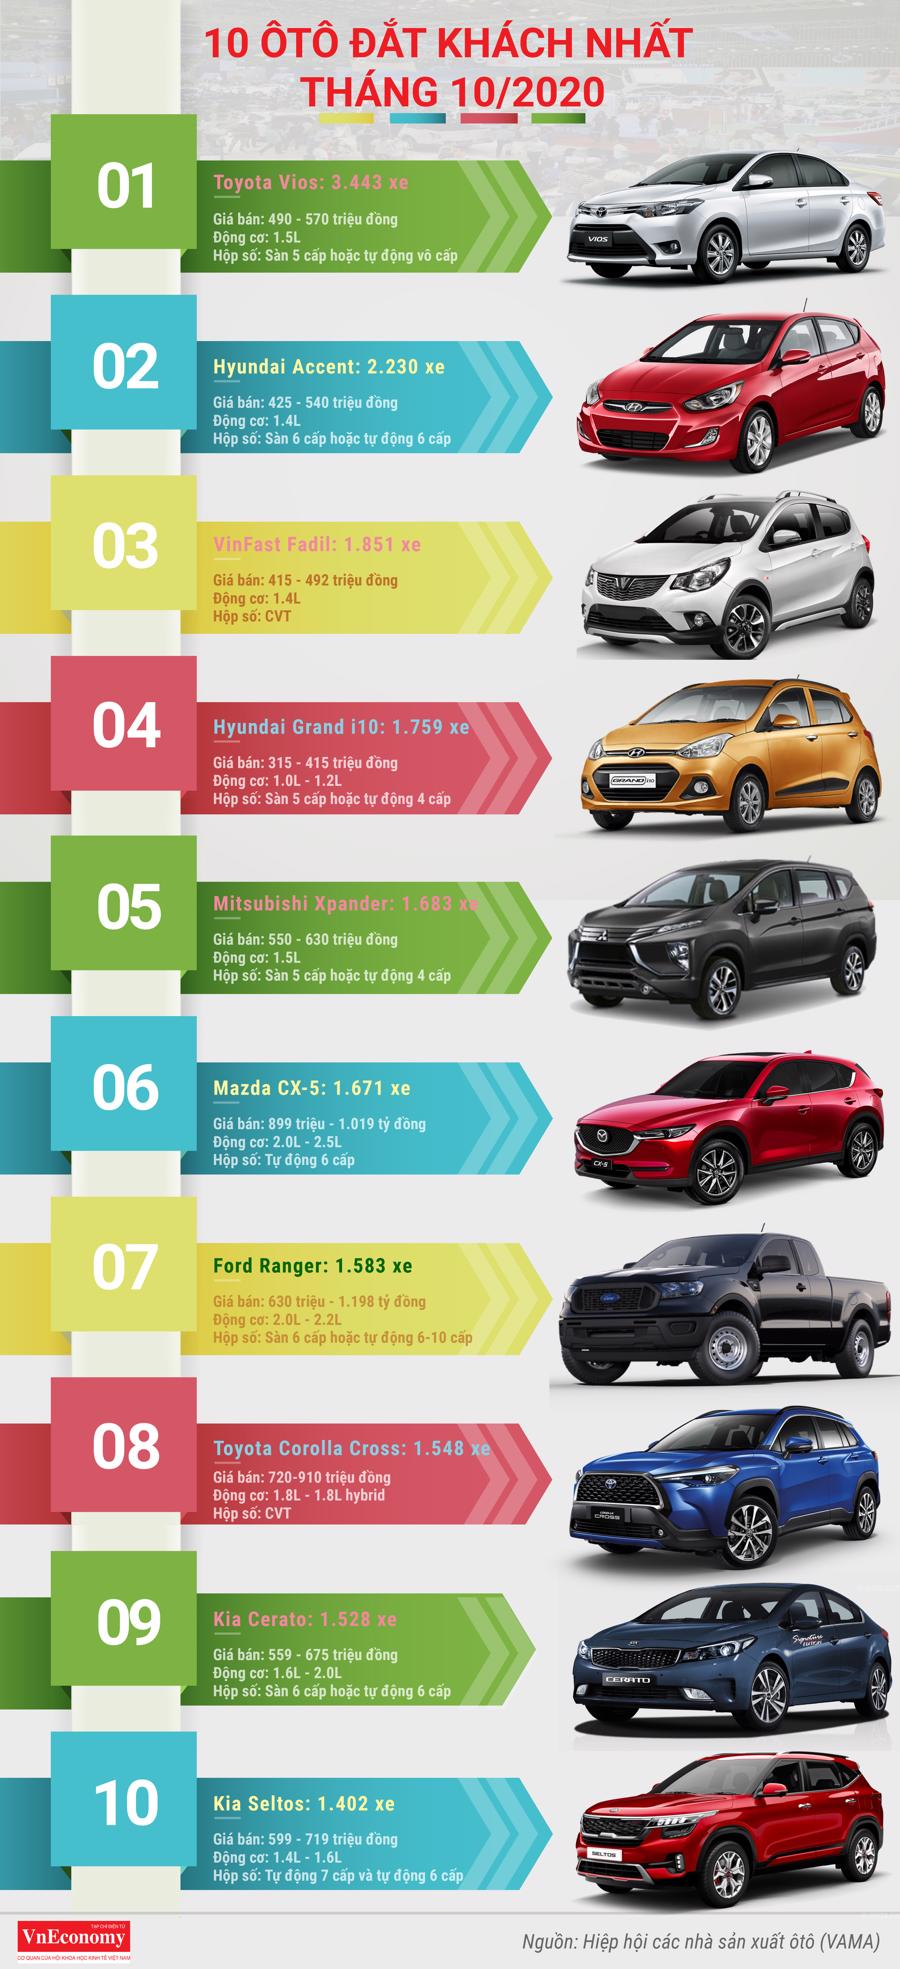 10 ôtô đắt khách nhất tháng 10/2019: Toyota Vios tiếp tục dẫn đầu - Ảnh 1.